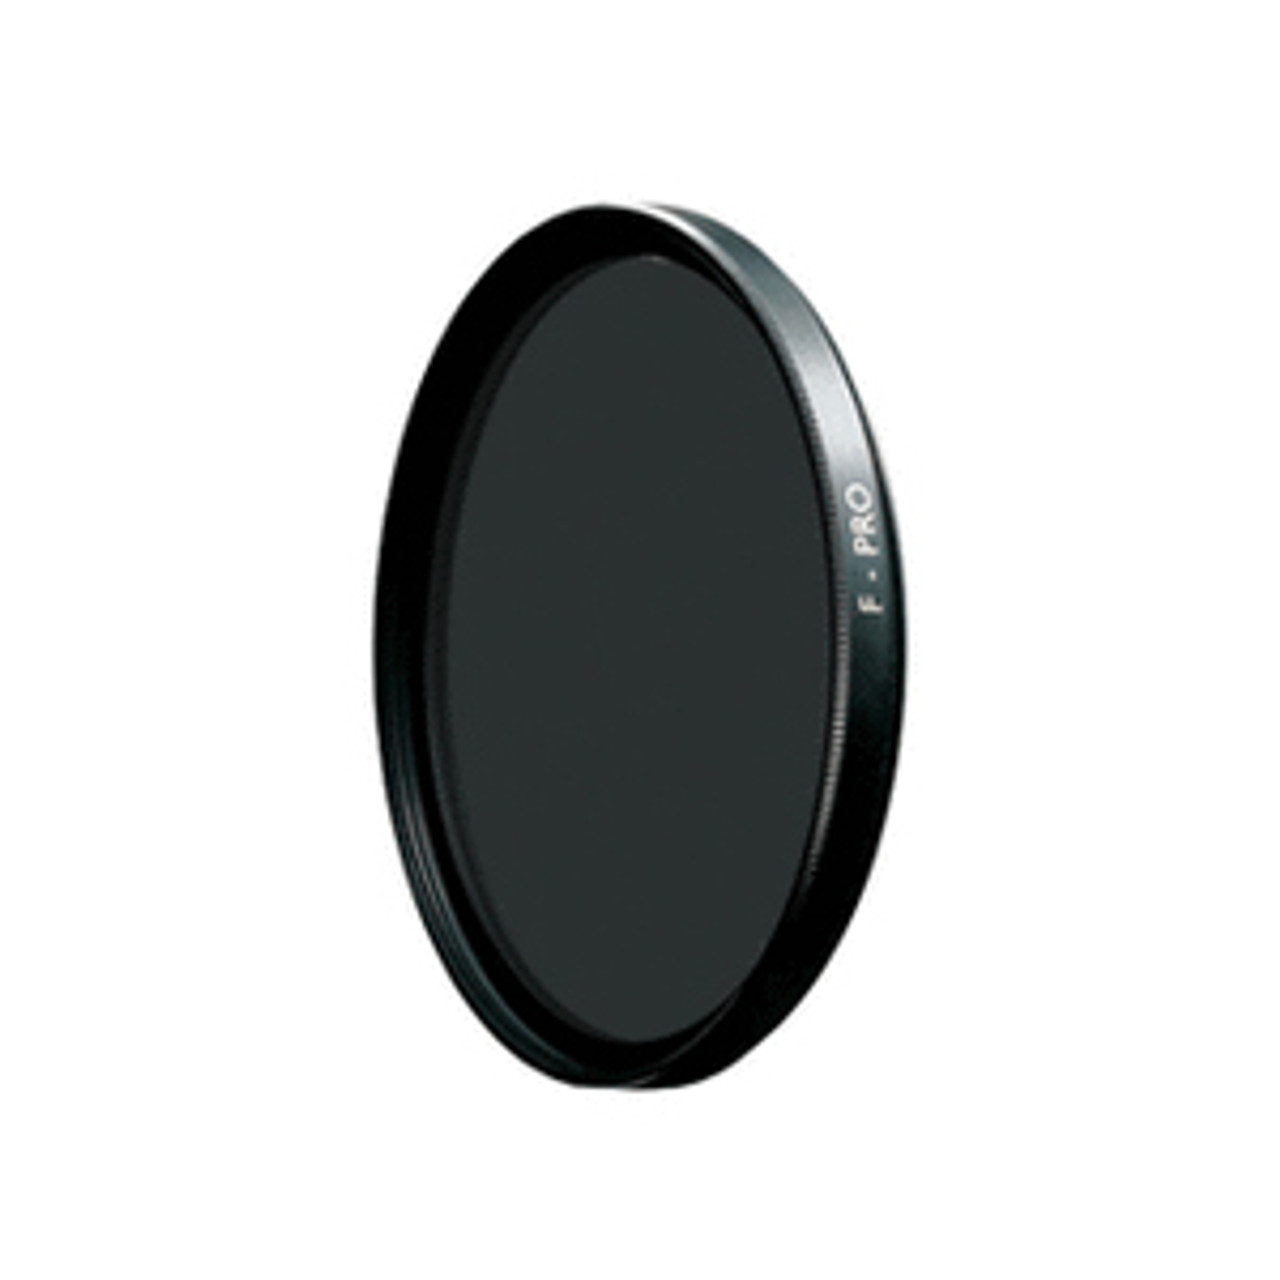 B+W 72mm Pro ND 3.0 110E 1000x Filter